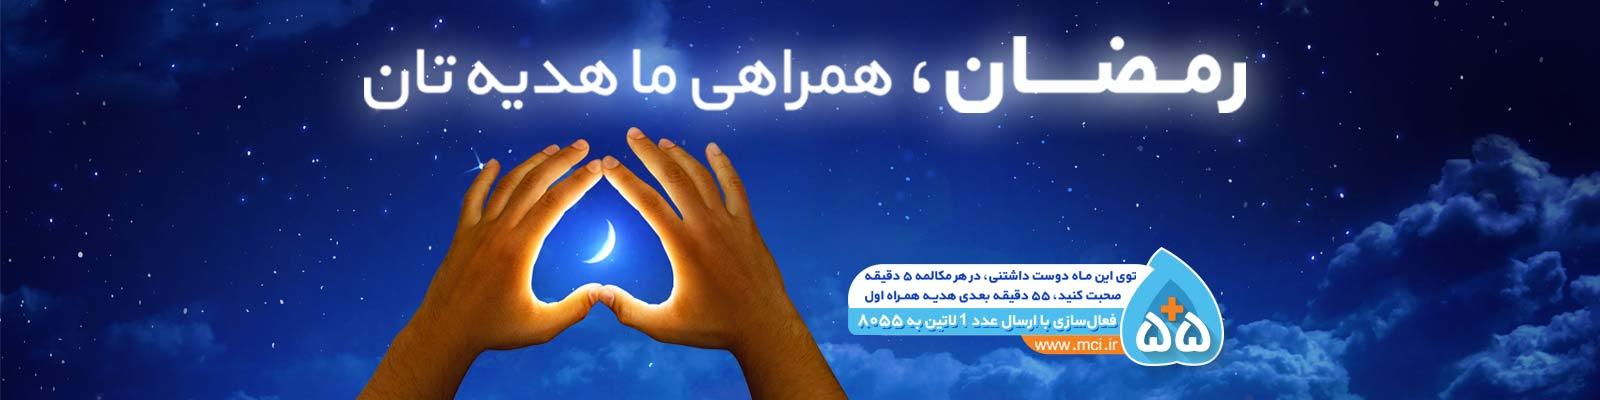 طرح 5+55 همراه اول ویژه رمضان